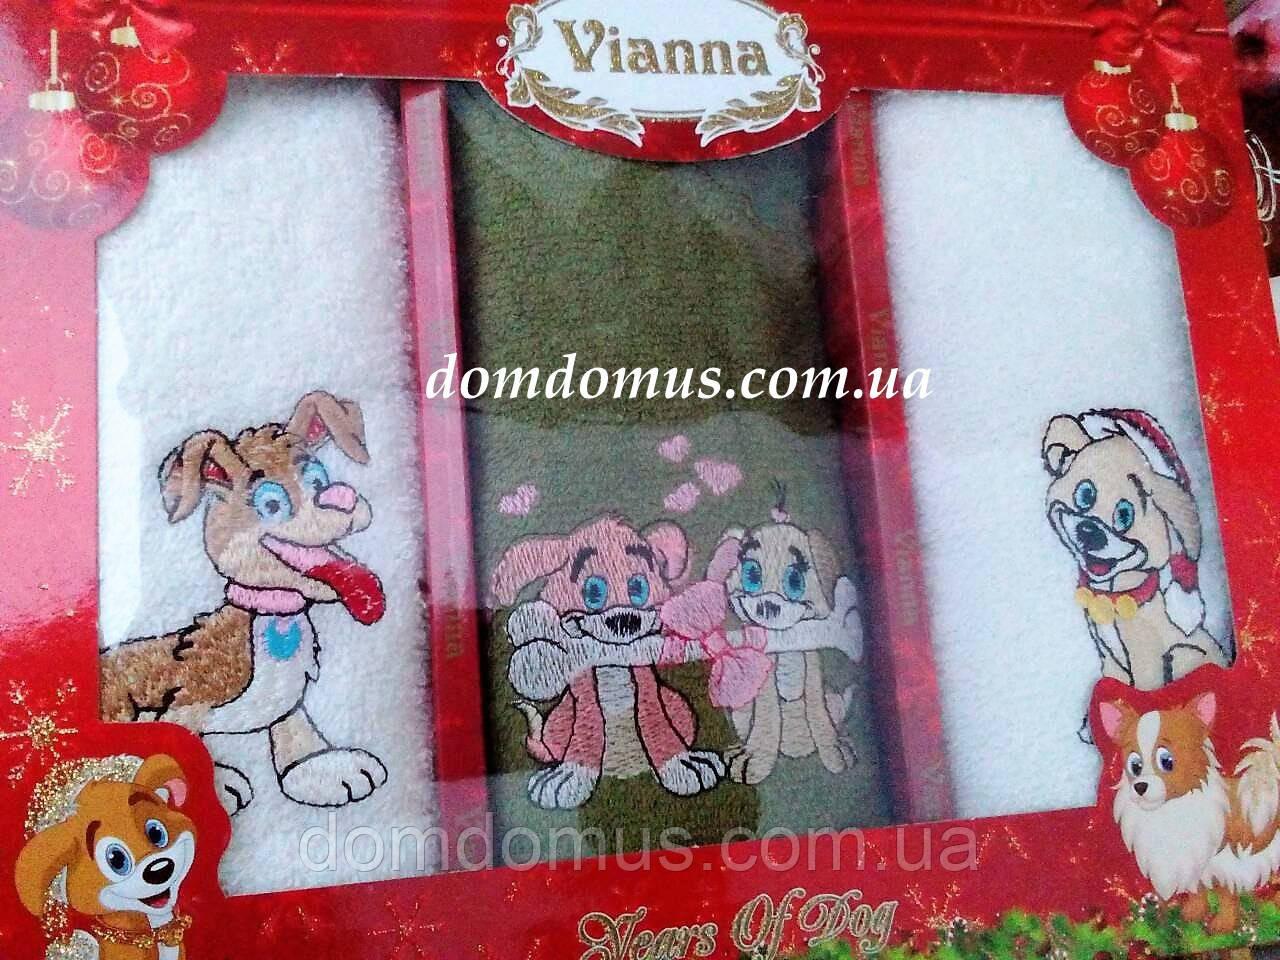 """Кухонные махровые полотенца 40*60 Vianna """"Собачка"""" 3 шт, Турция"""